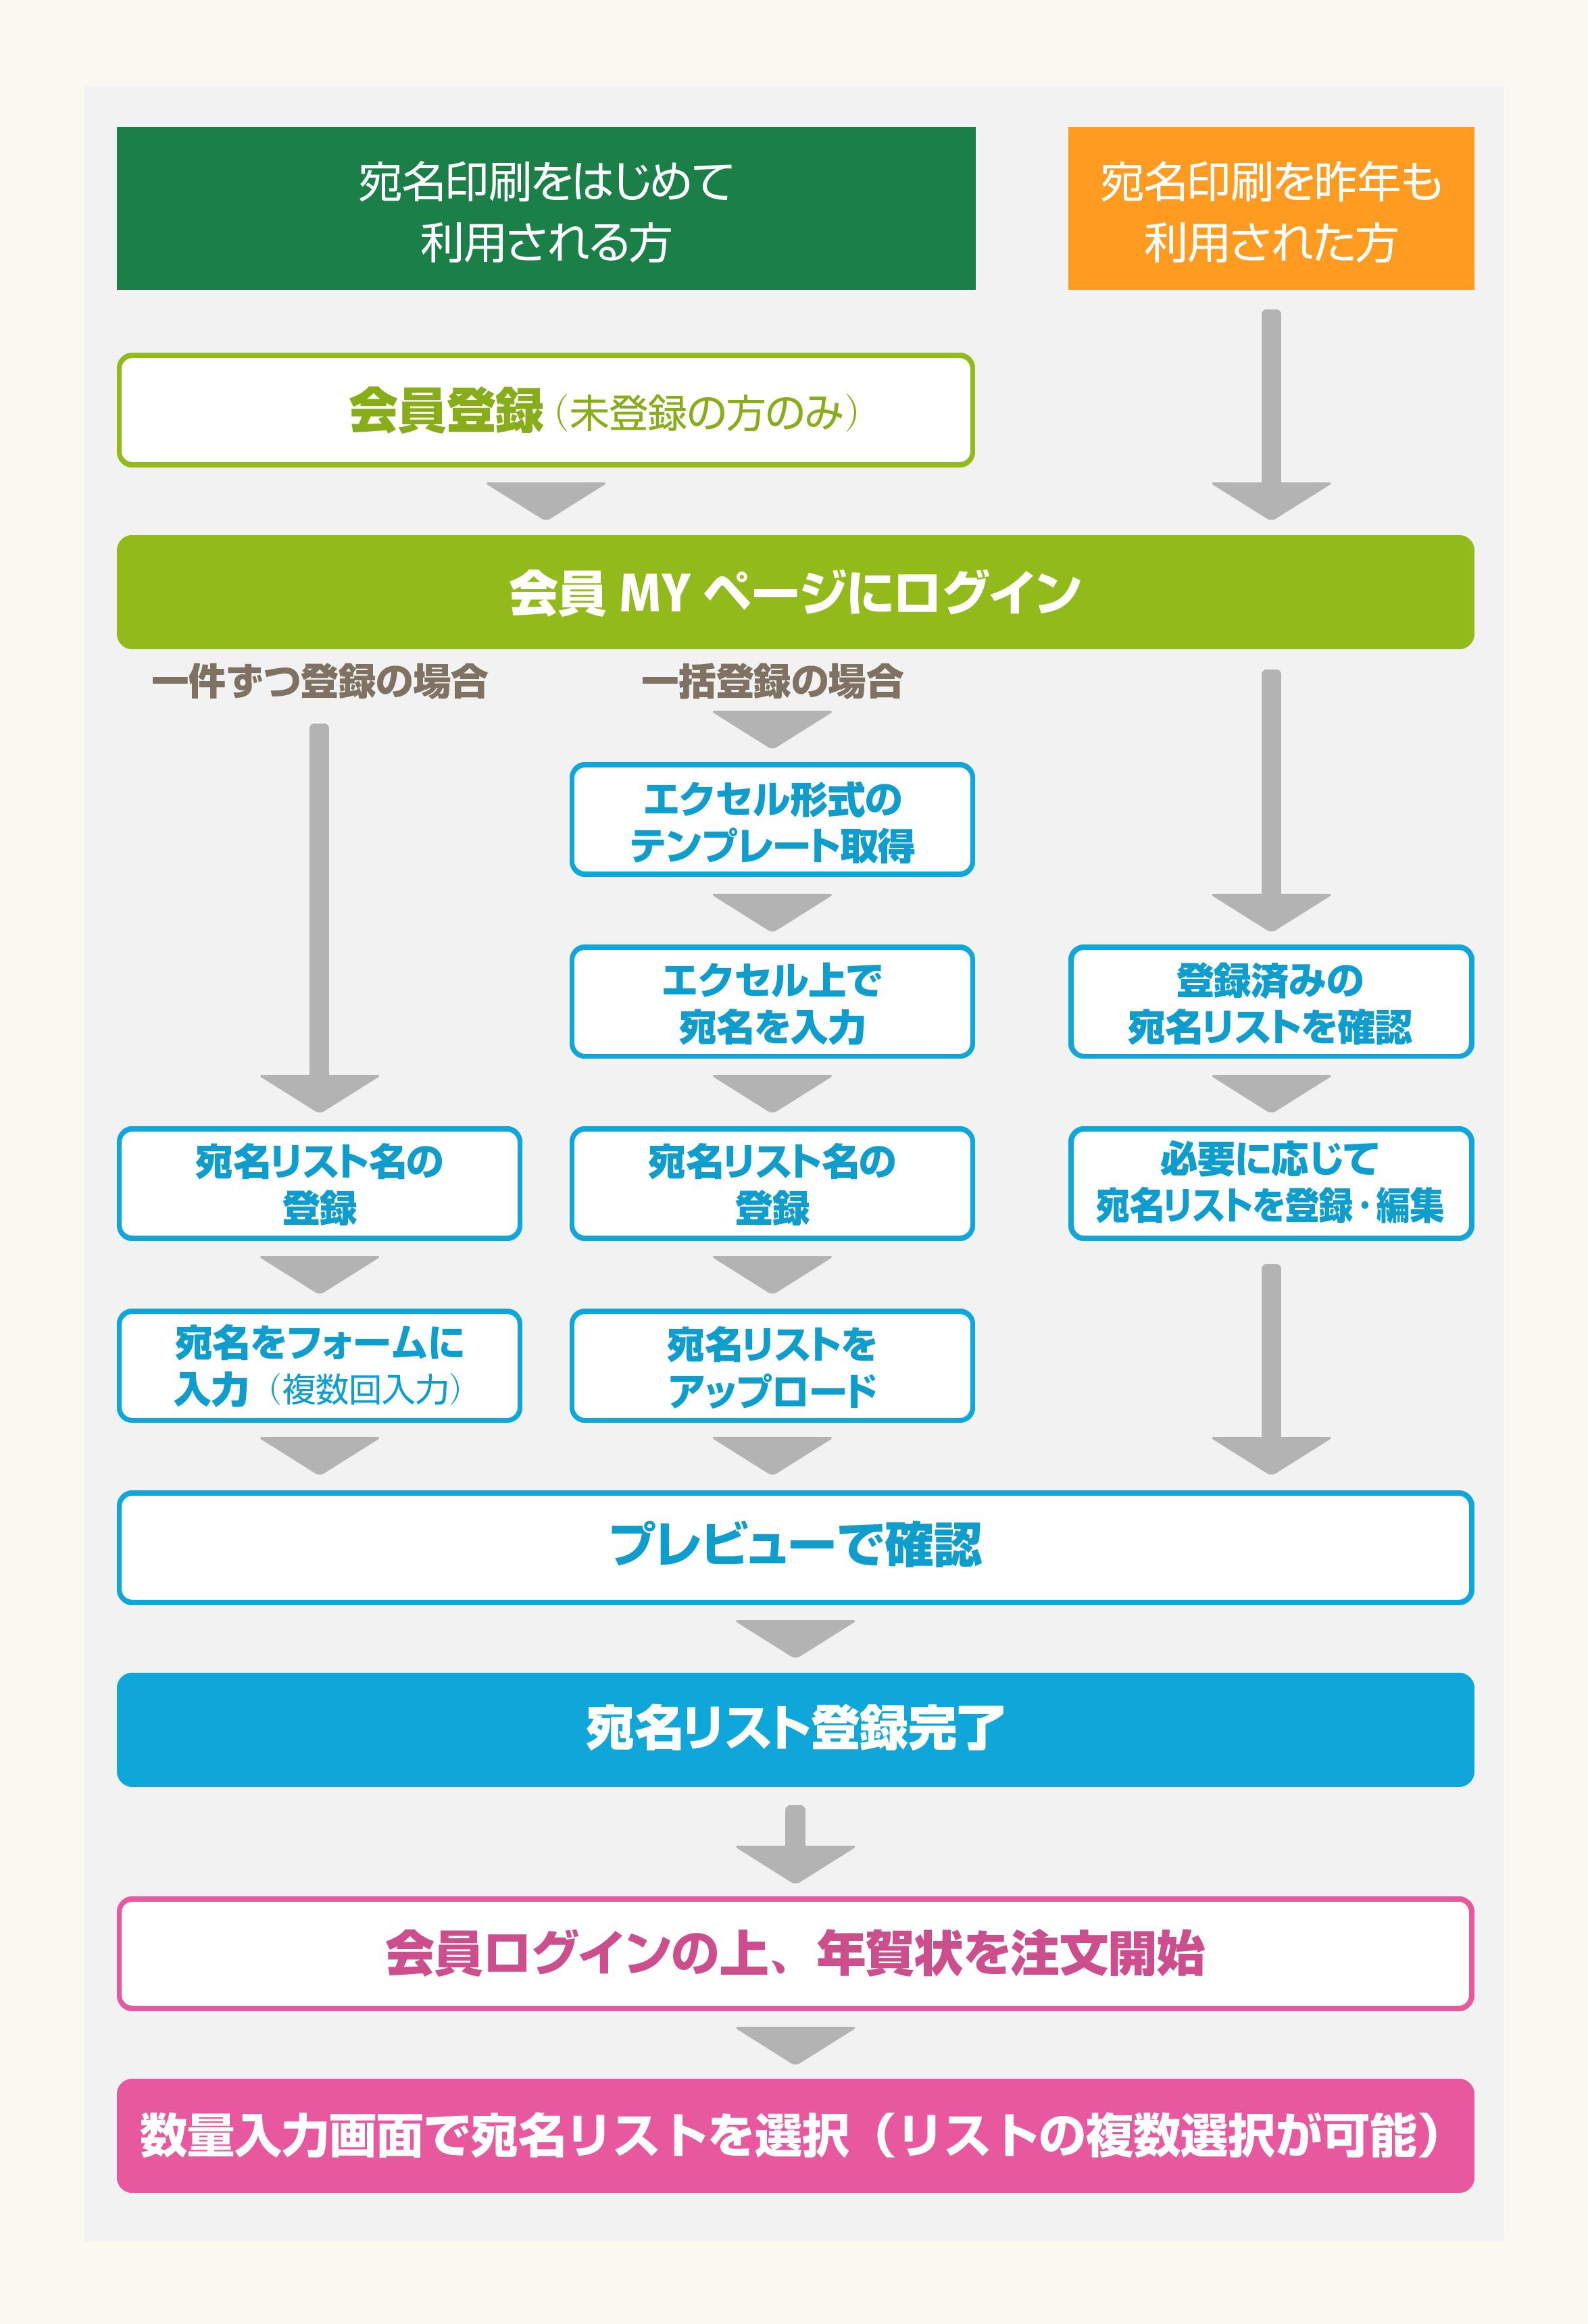 宛名印刷・投函サービスの流れ 説明画像